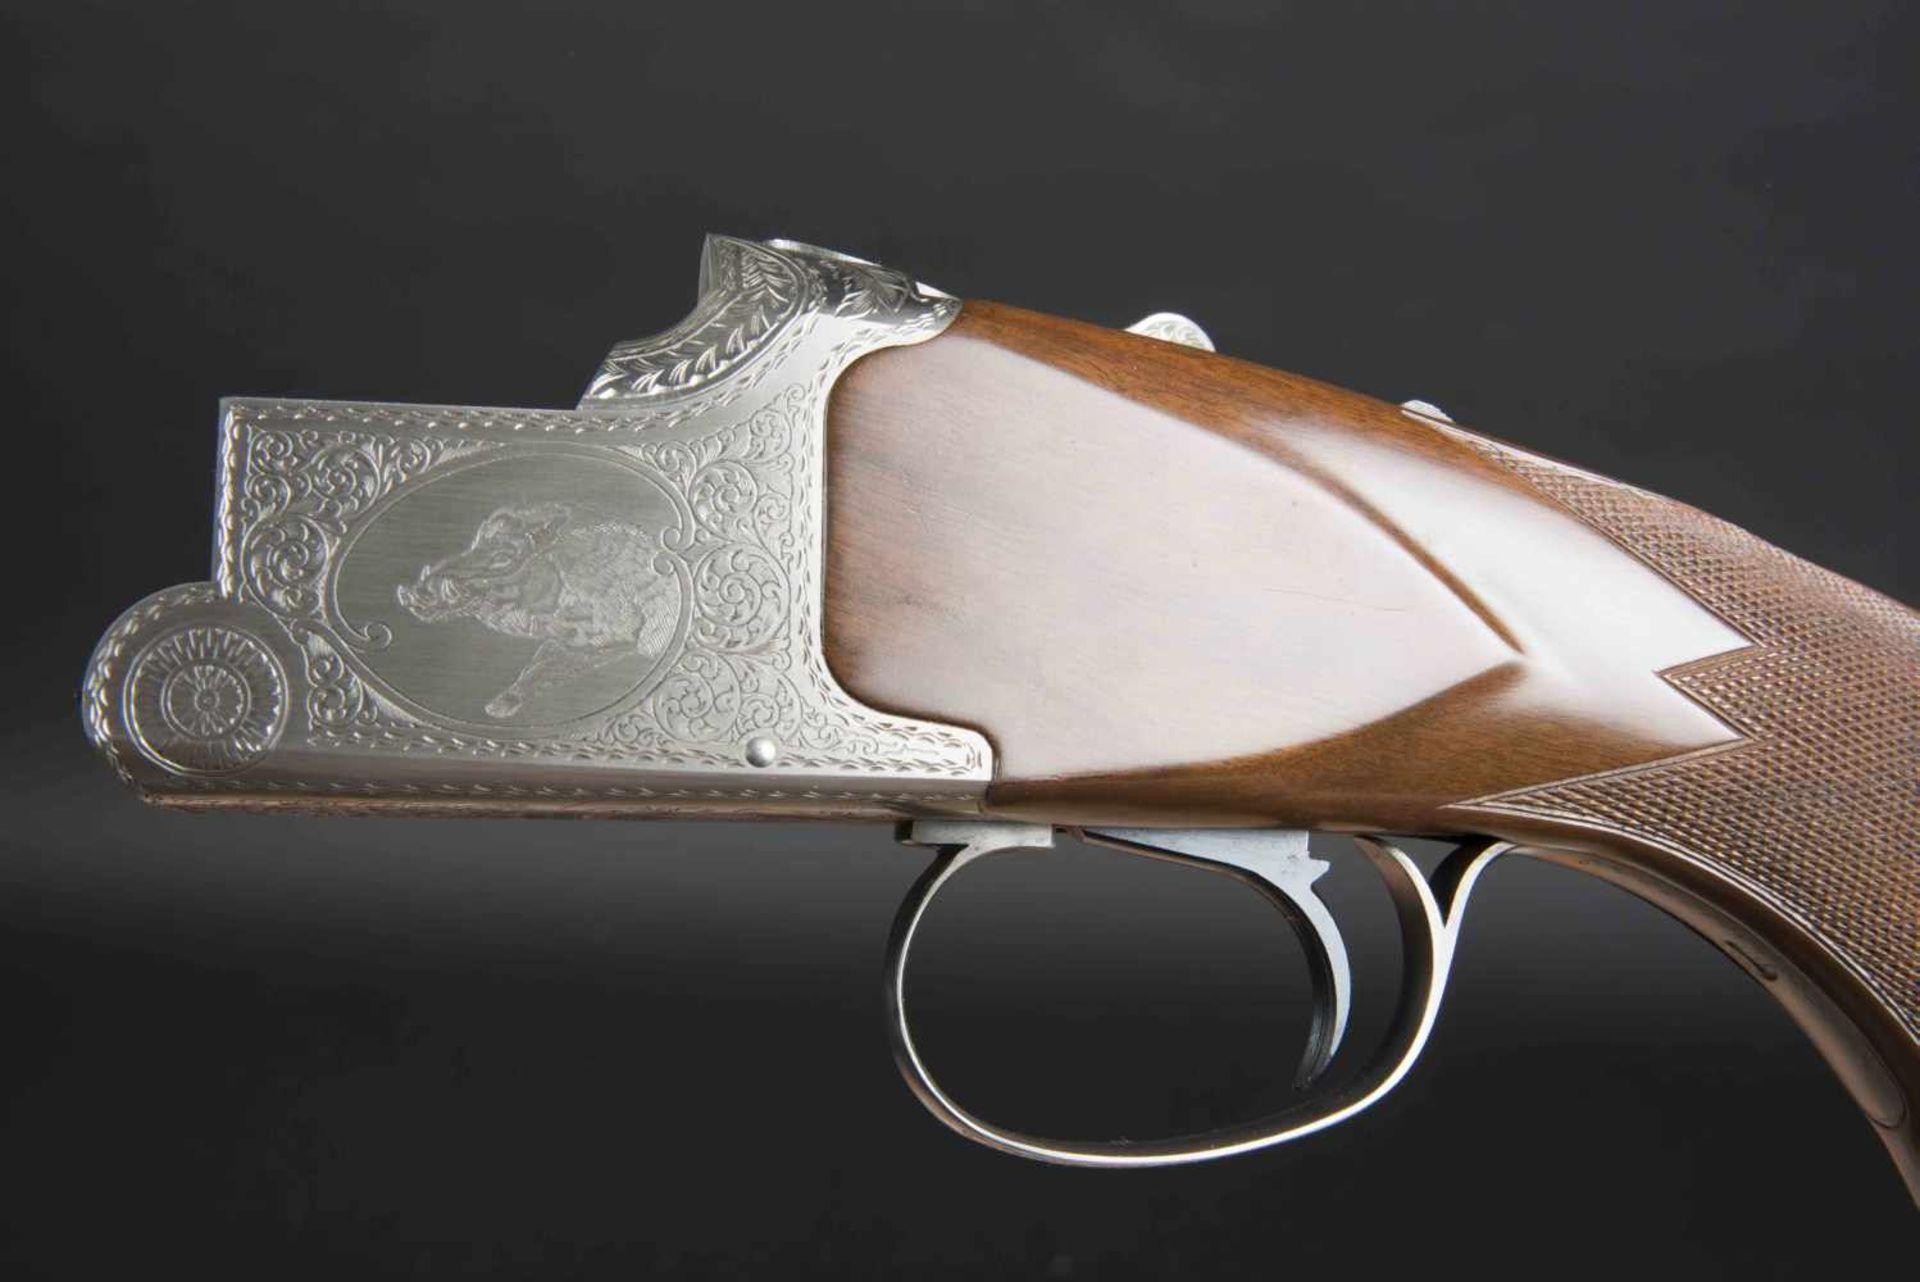 Winchester Catégorie C Grand European XT 9,3x74R/9,3x74R. Parties métalliques ciselées, avec - Bild 3 aus 4